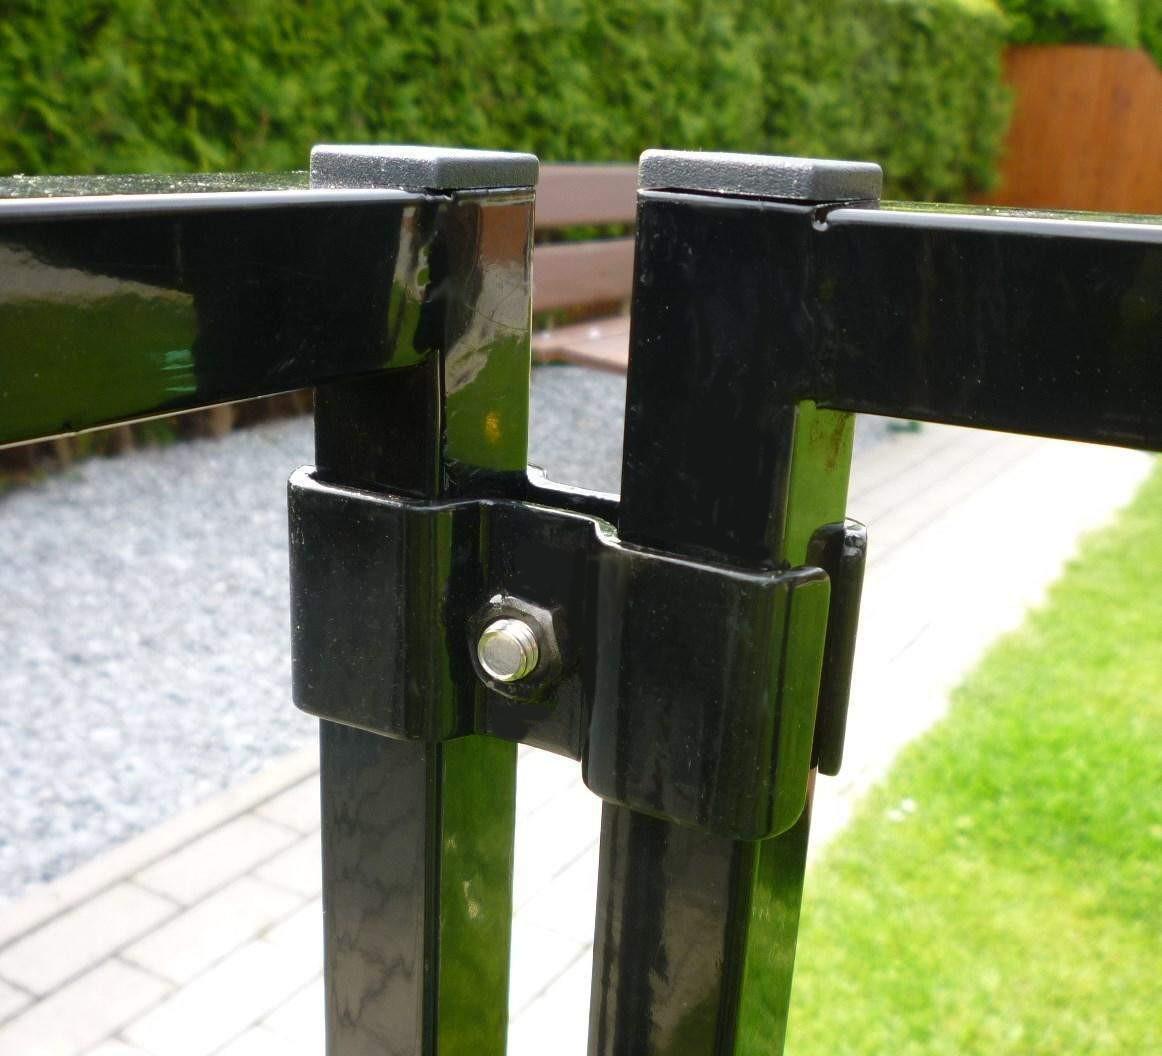 Colour Welpenauslauf 0,9 x 1,8 m schwarz, mit Doppeltür und Befestigungsklammern